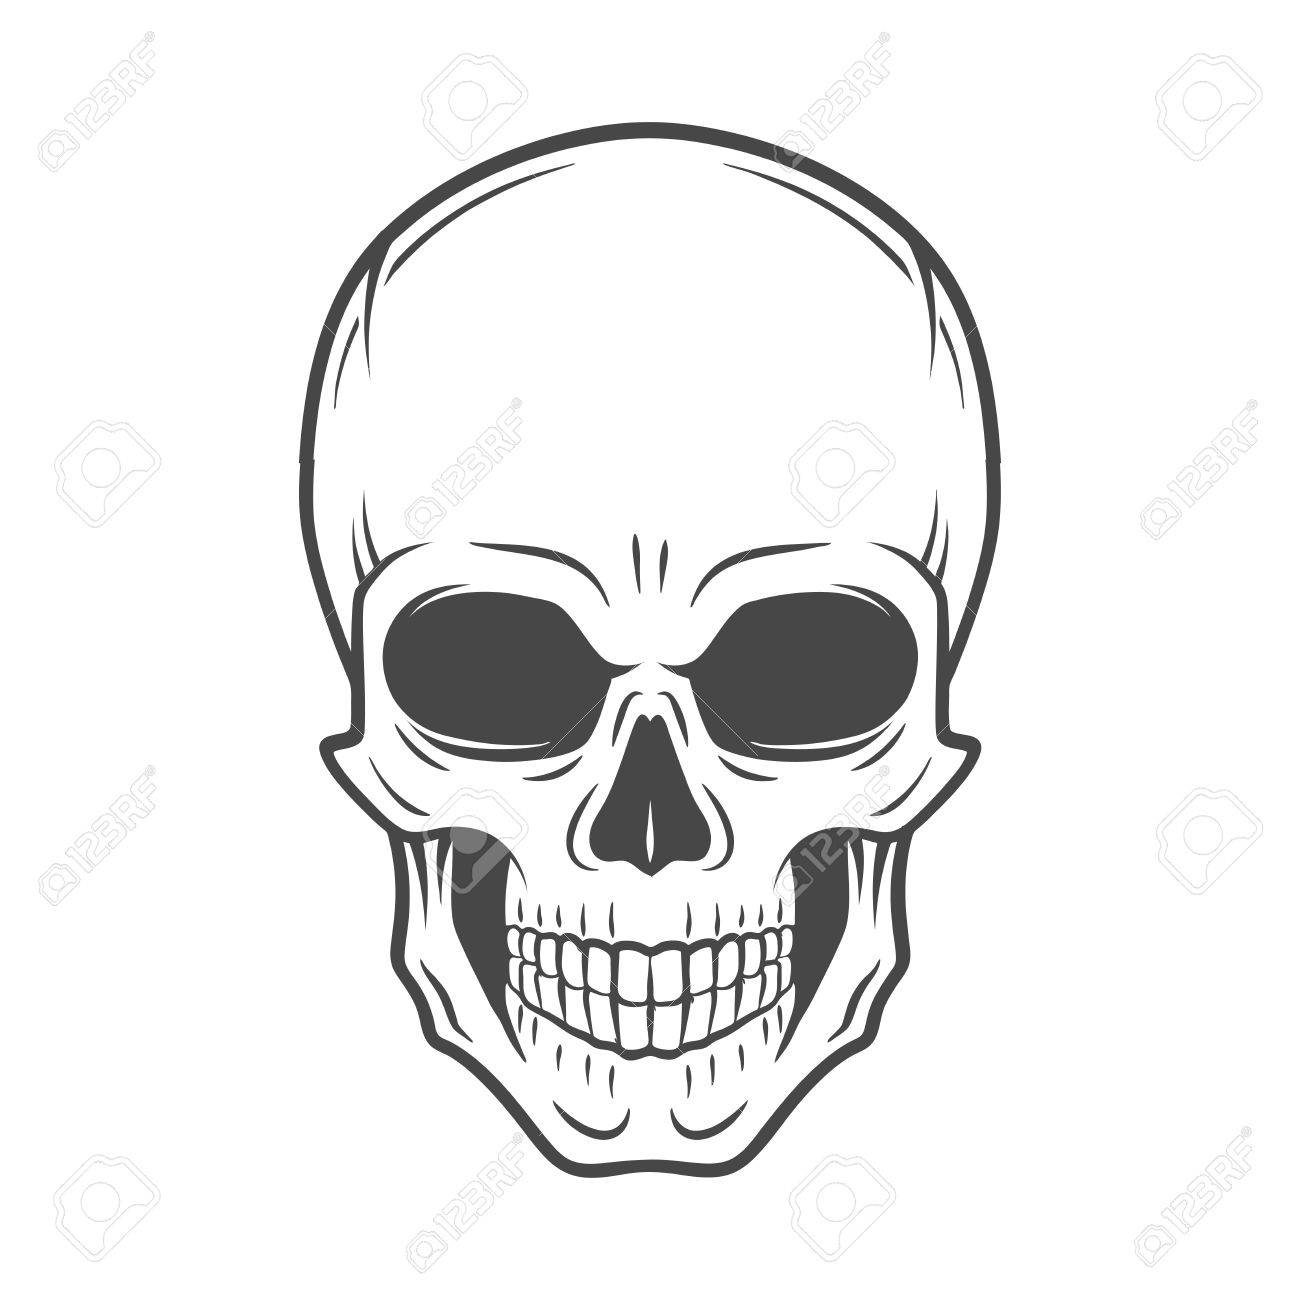 human evil skull vector jolly roger logo template death t shirt rh 123rf com skull vector image skull vector image